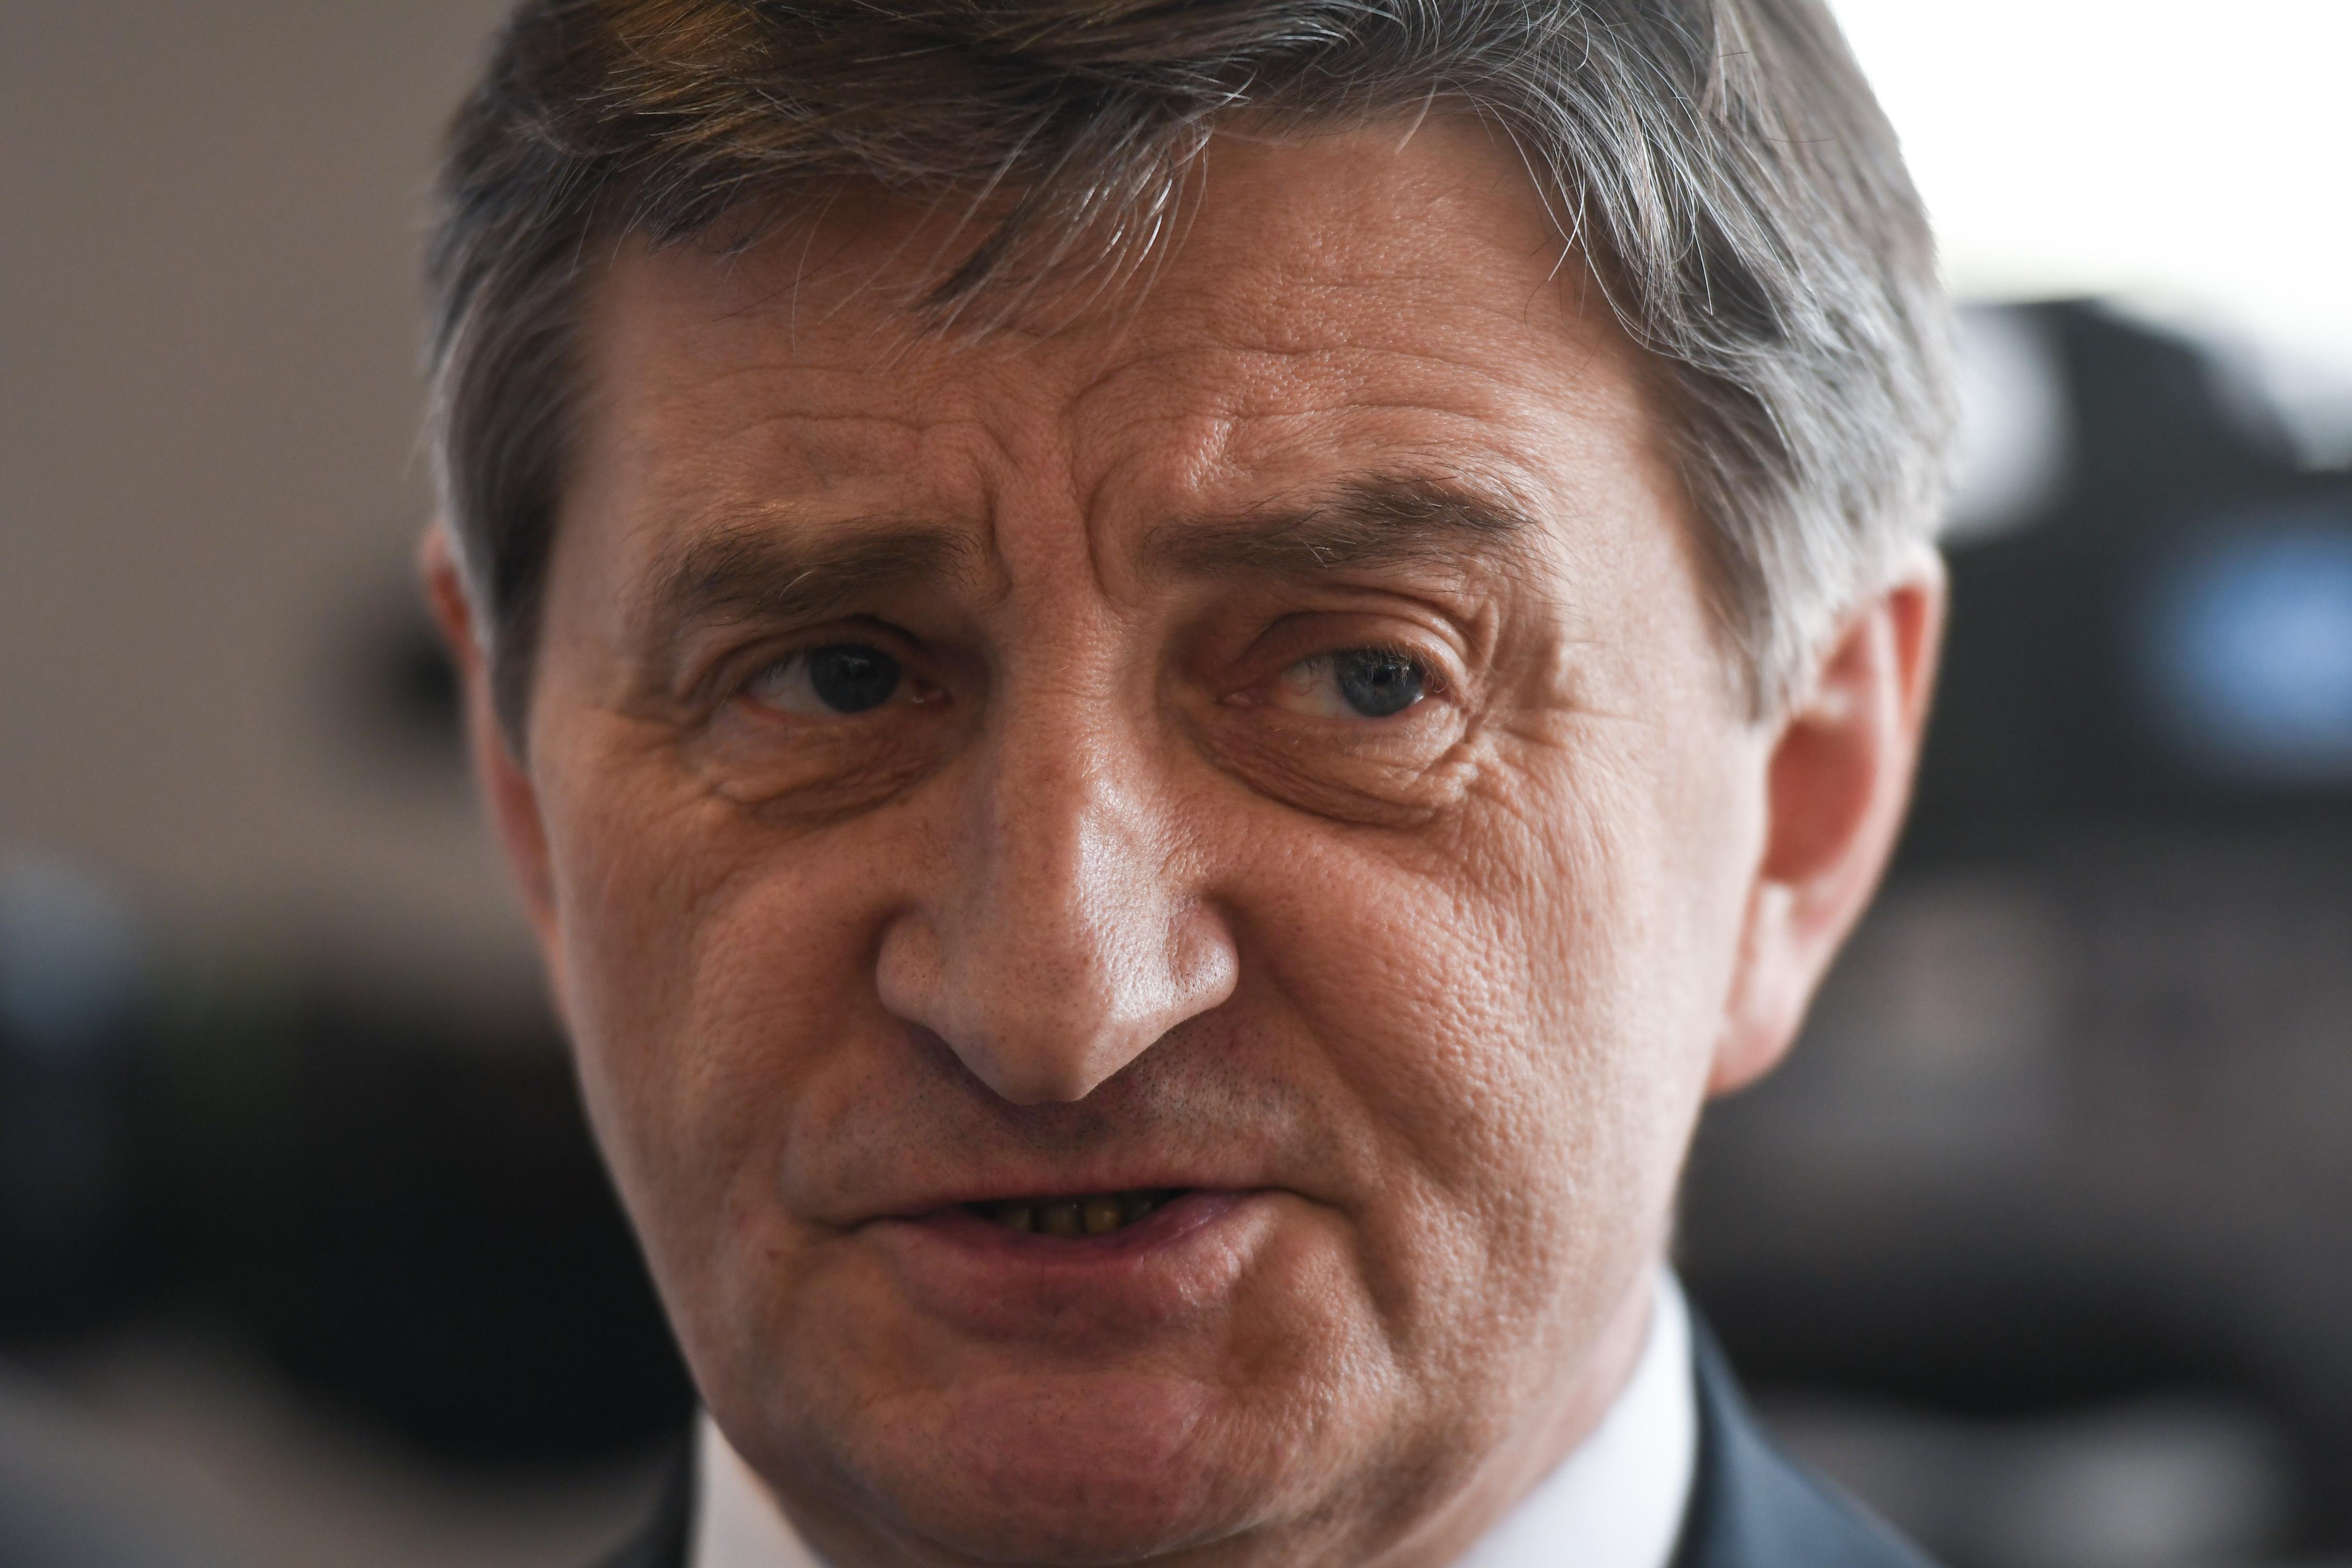 Túl sokat repkedett és röptette családtagjait, le kellett mondjon a lengyel parlament házelnöke